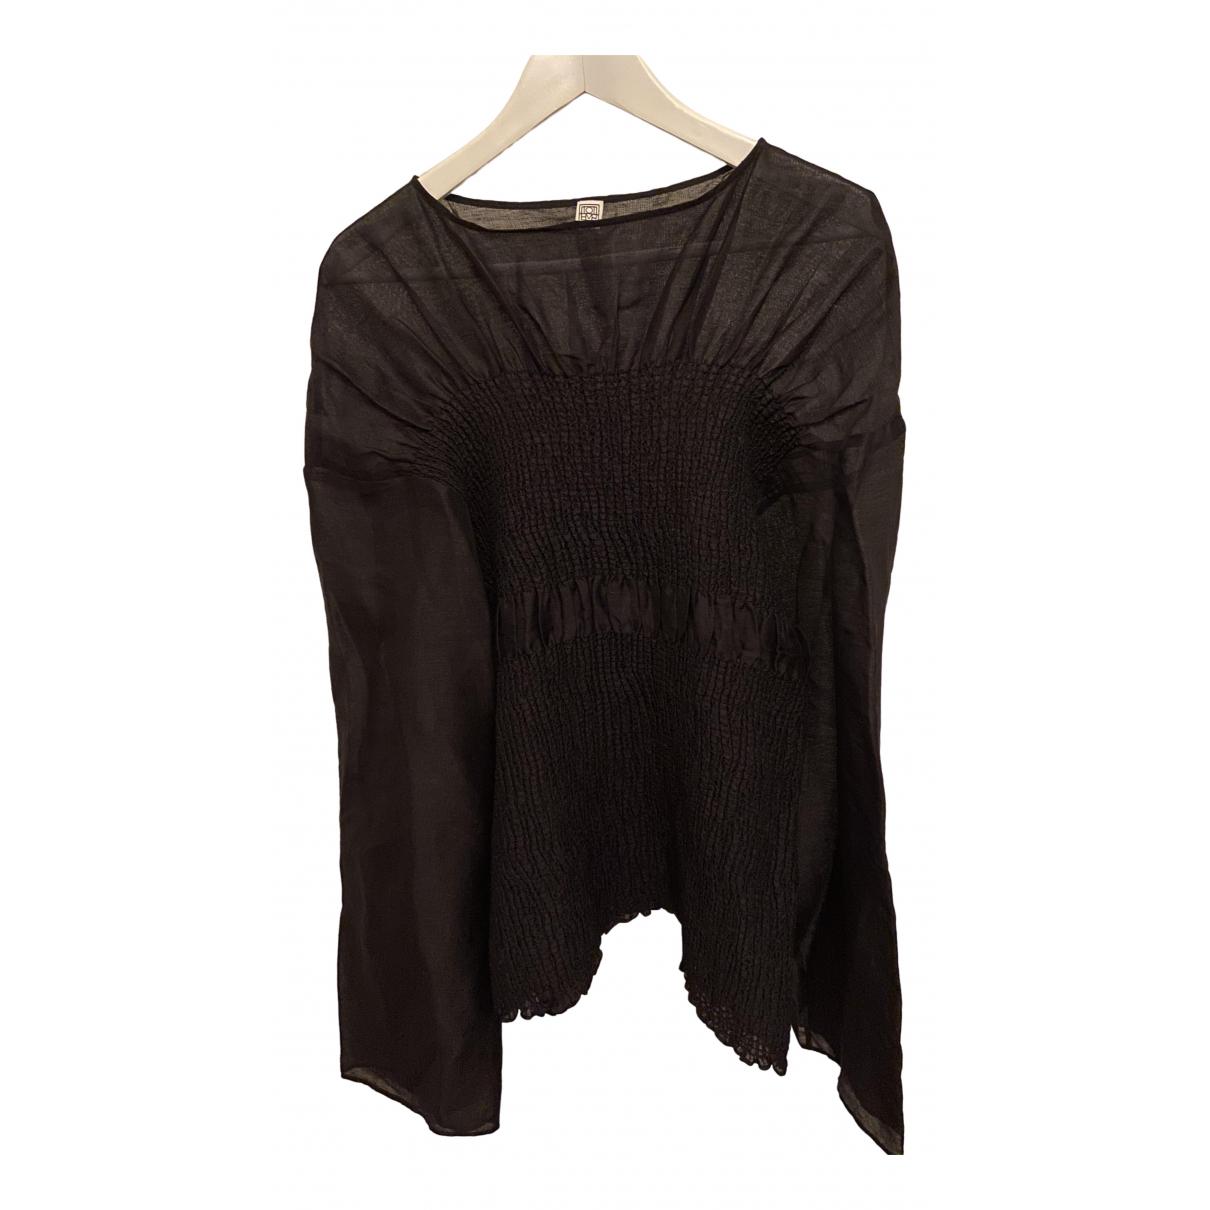 Toteme - Top   pour femme en soie - noir